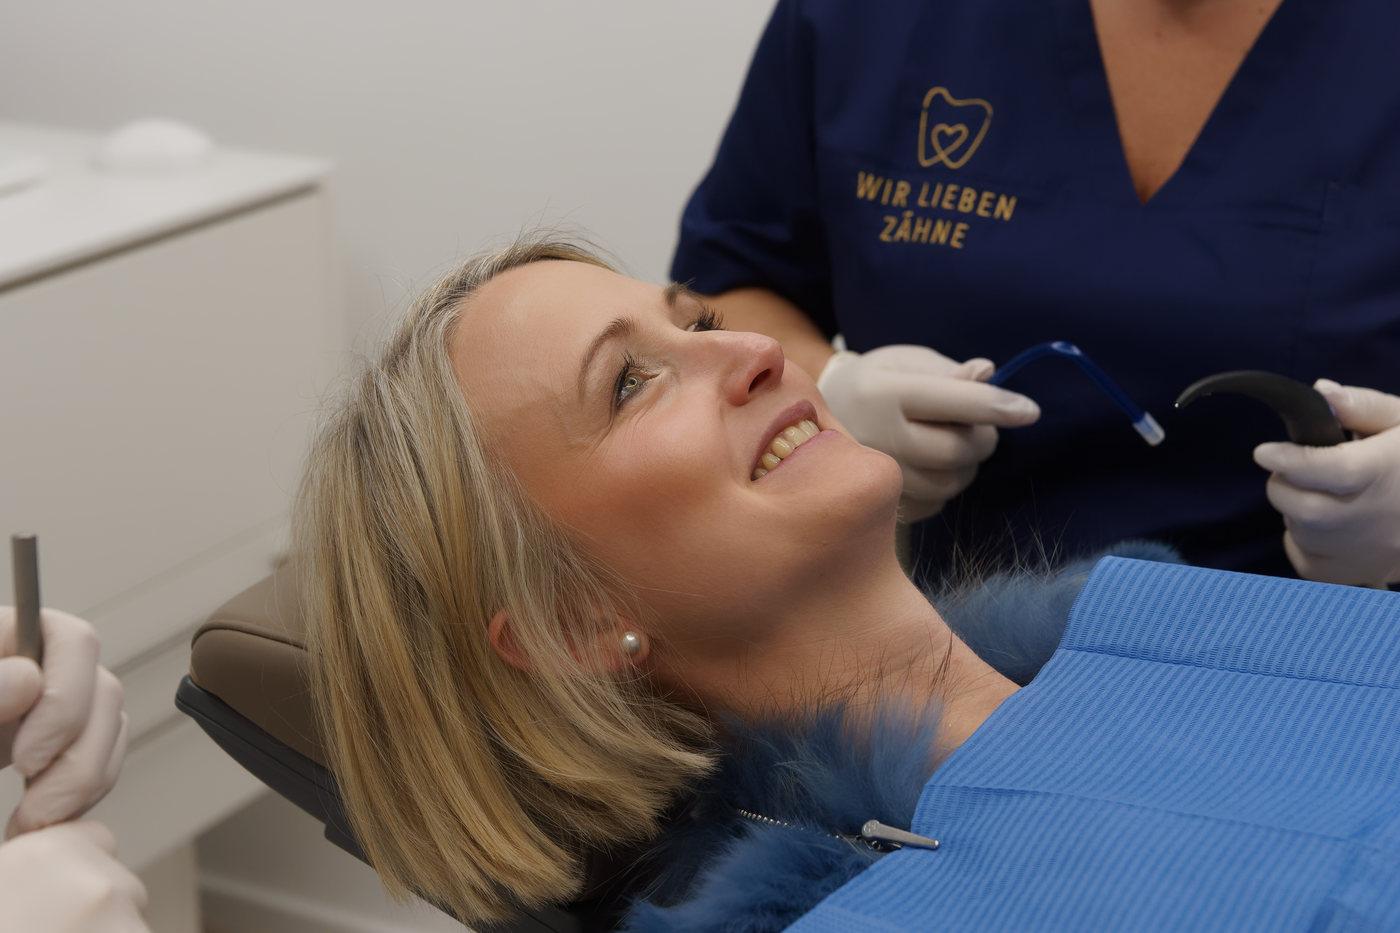 Zahnarzt Zahnarztpraxis Monheim am Rhein